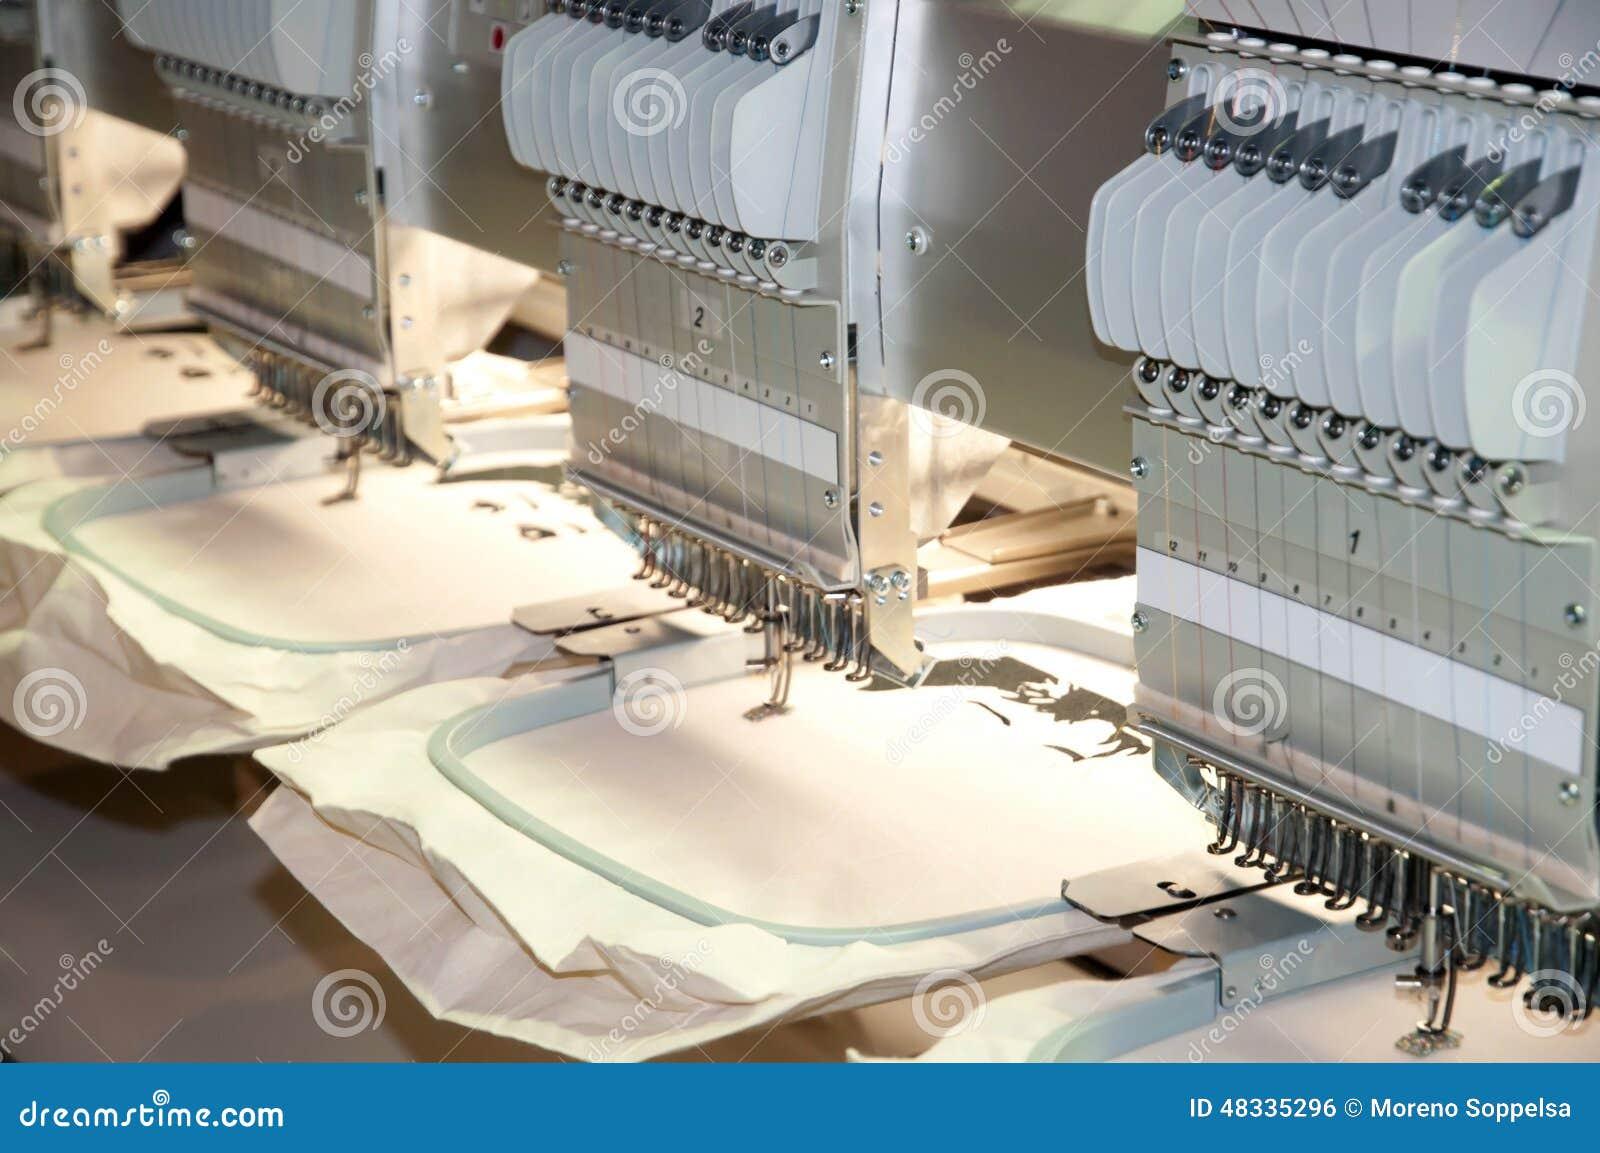 Máquina Profissional E Industrial De Matéria Têxtil - Do Bordado ... 5920357e112